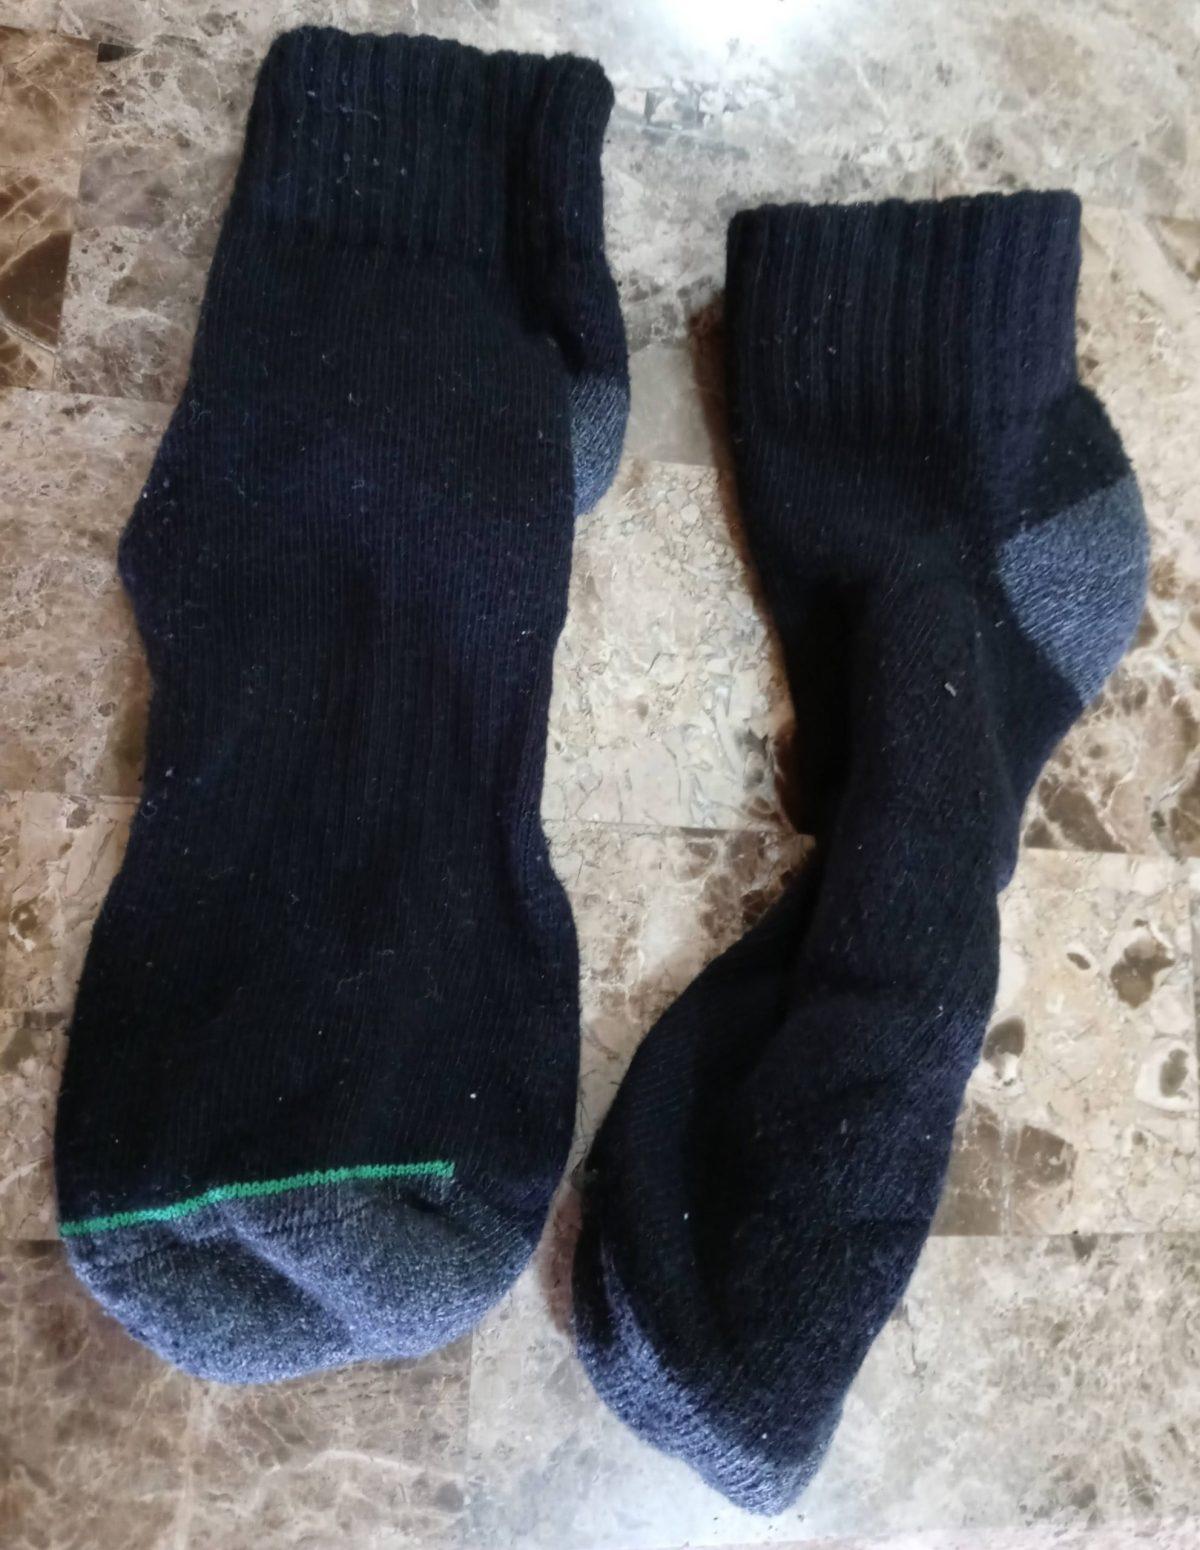 erotic sock